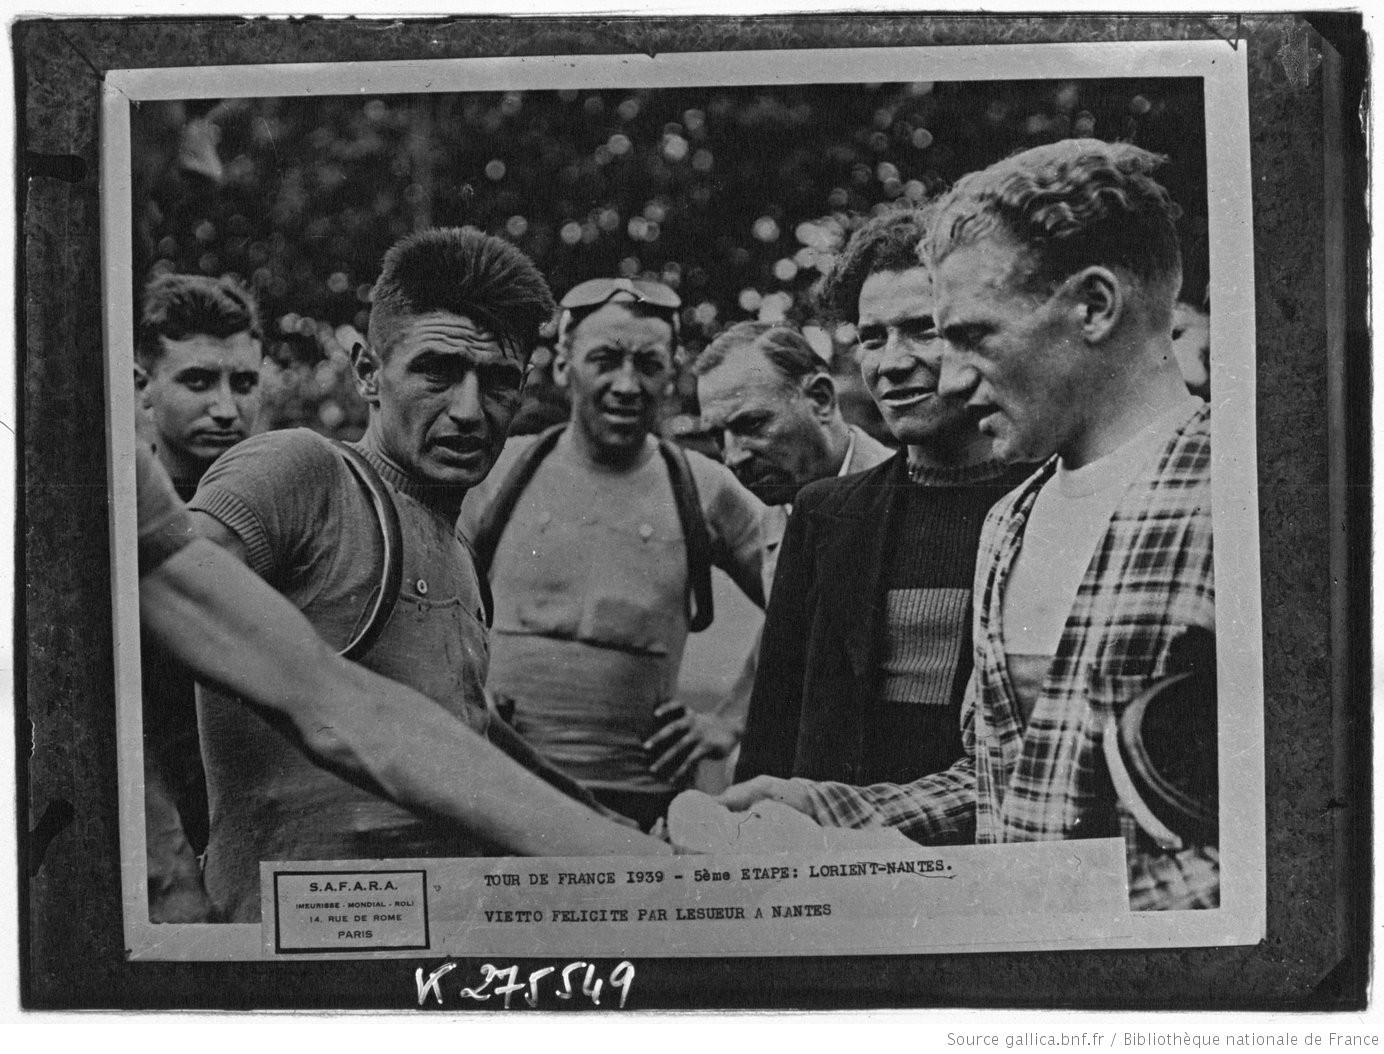 Tour de France 1939 - Source Gallica